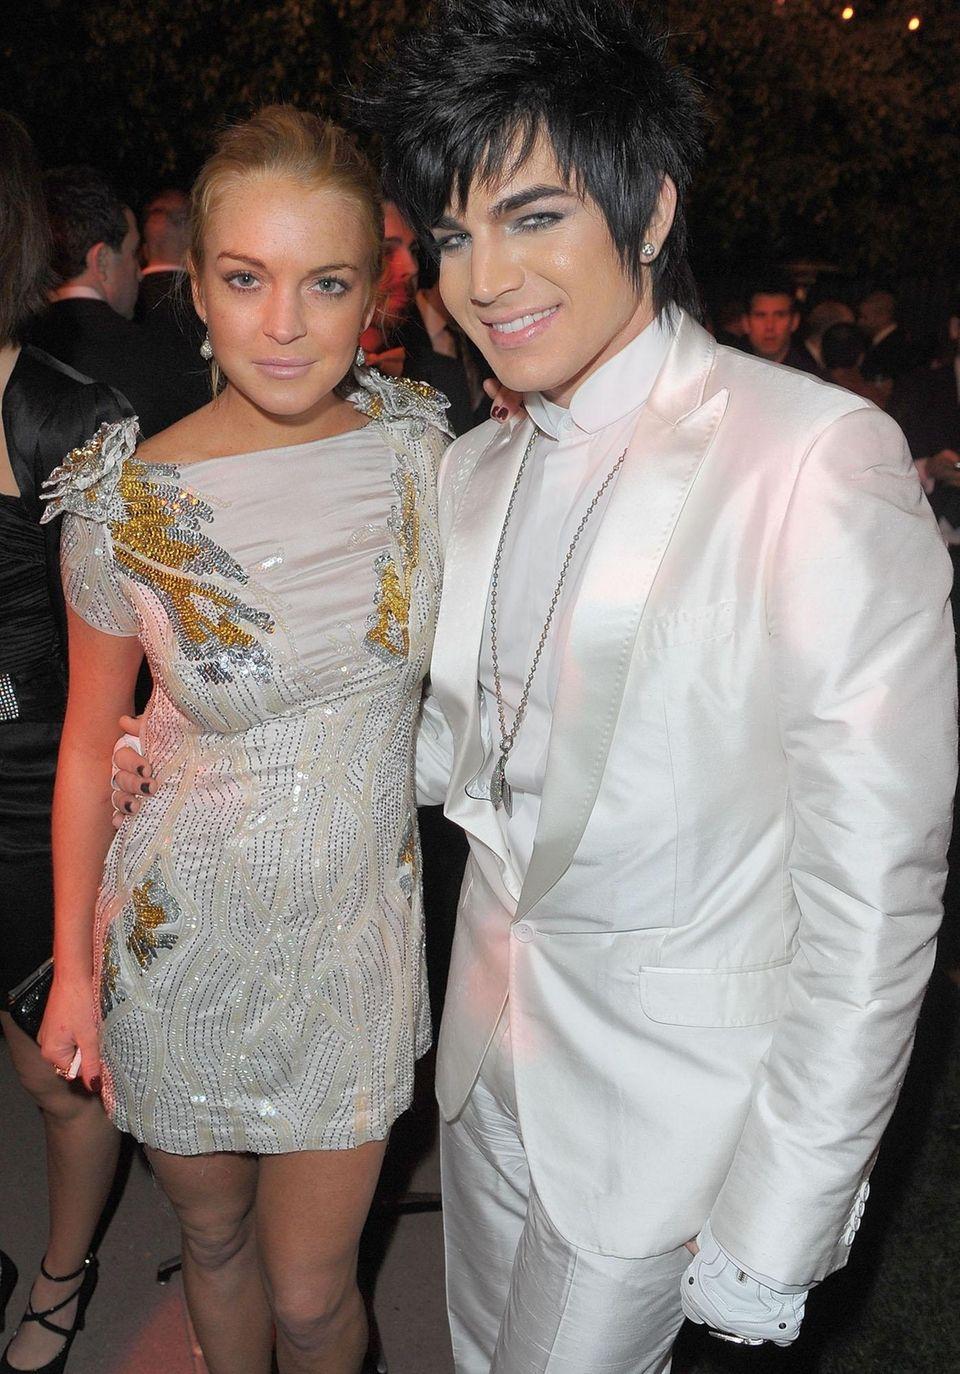 Lindsay Lohan and singer Adam Lambert attend The